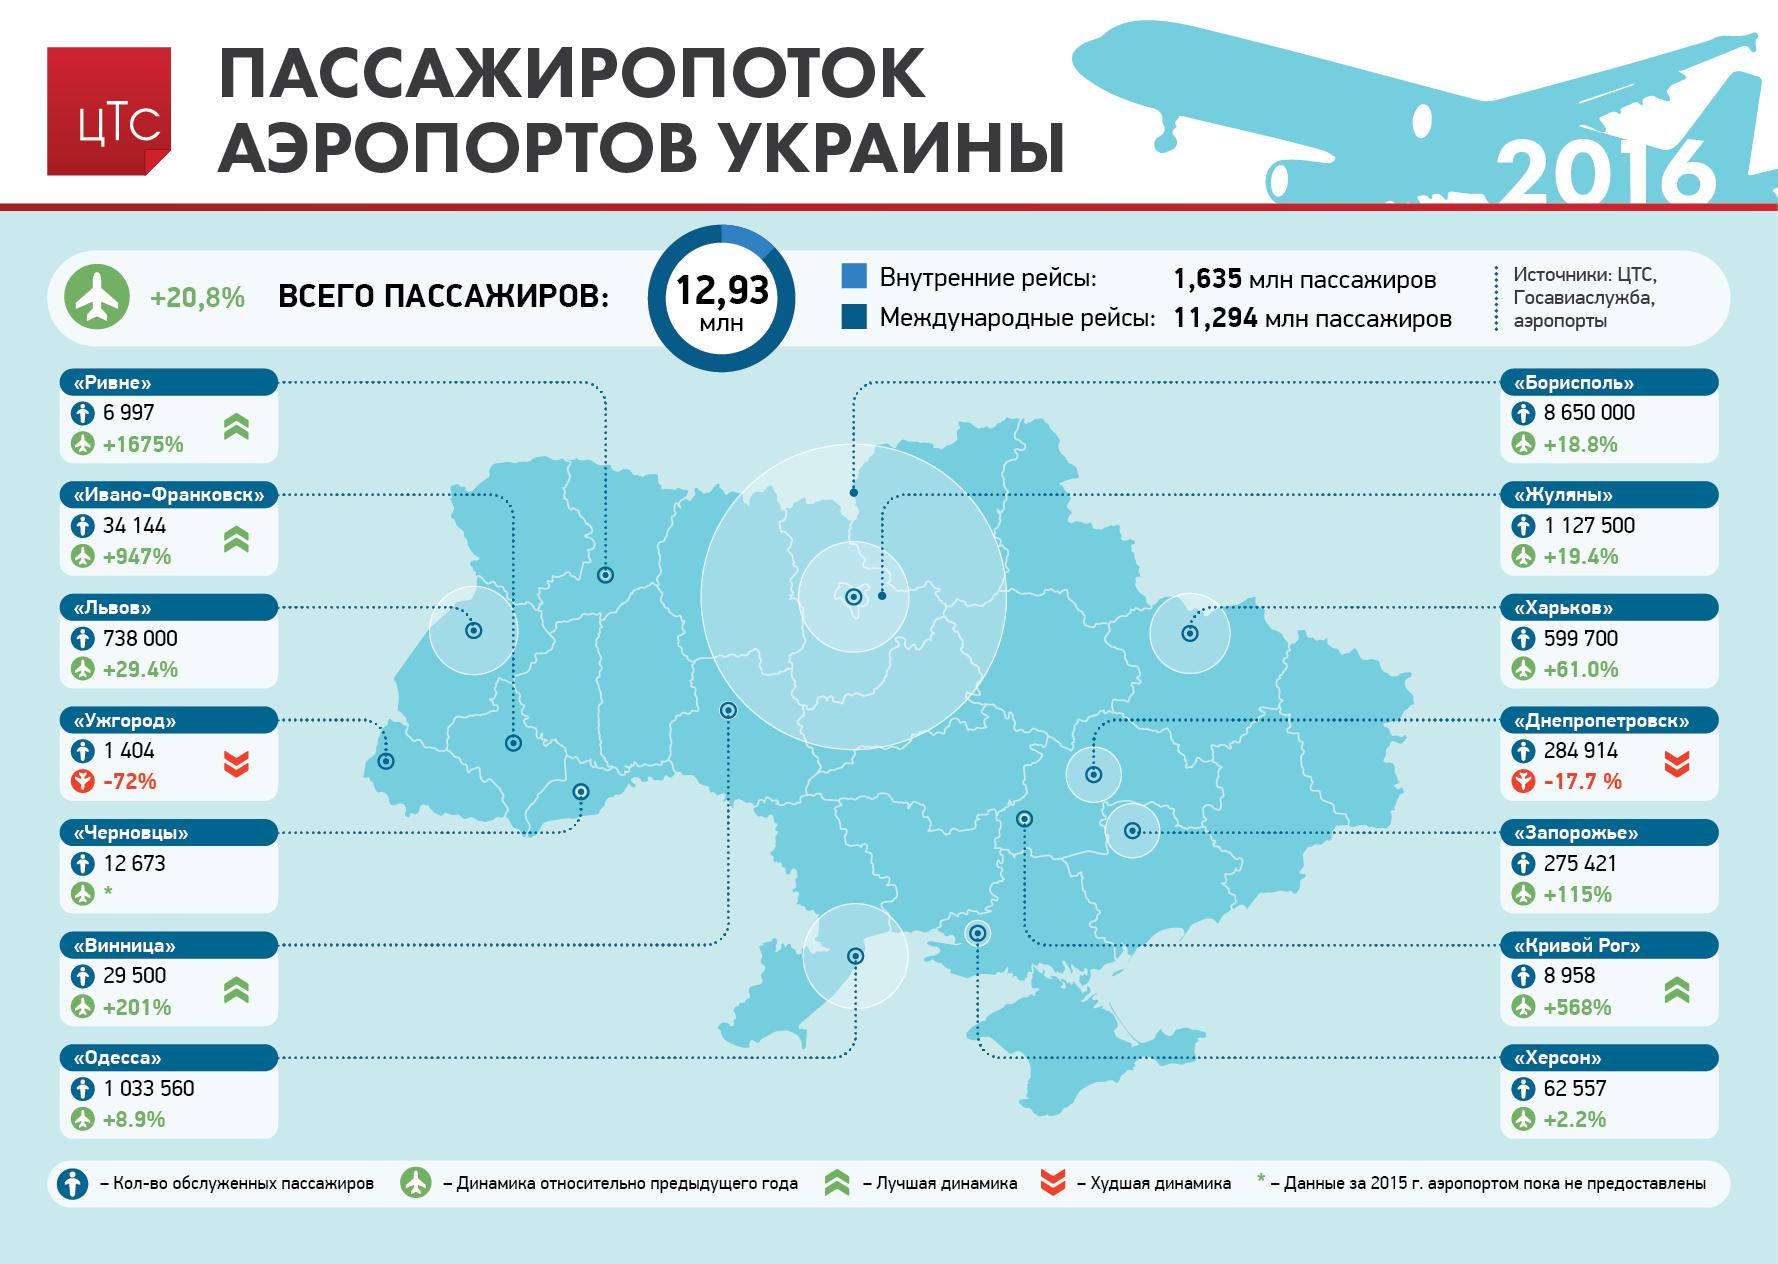 Пассажиропоток аэропортов Украины (карта)